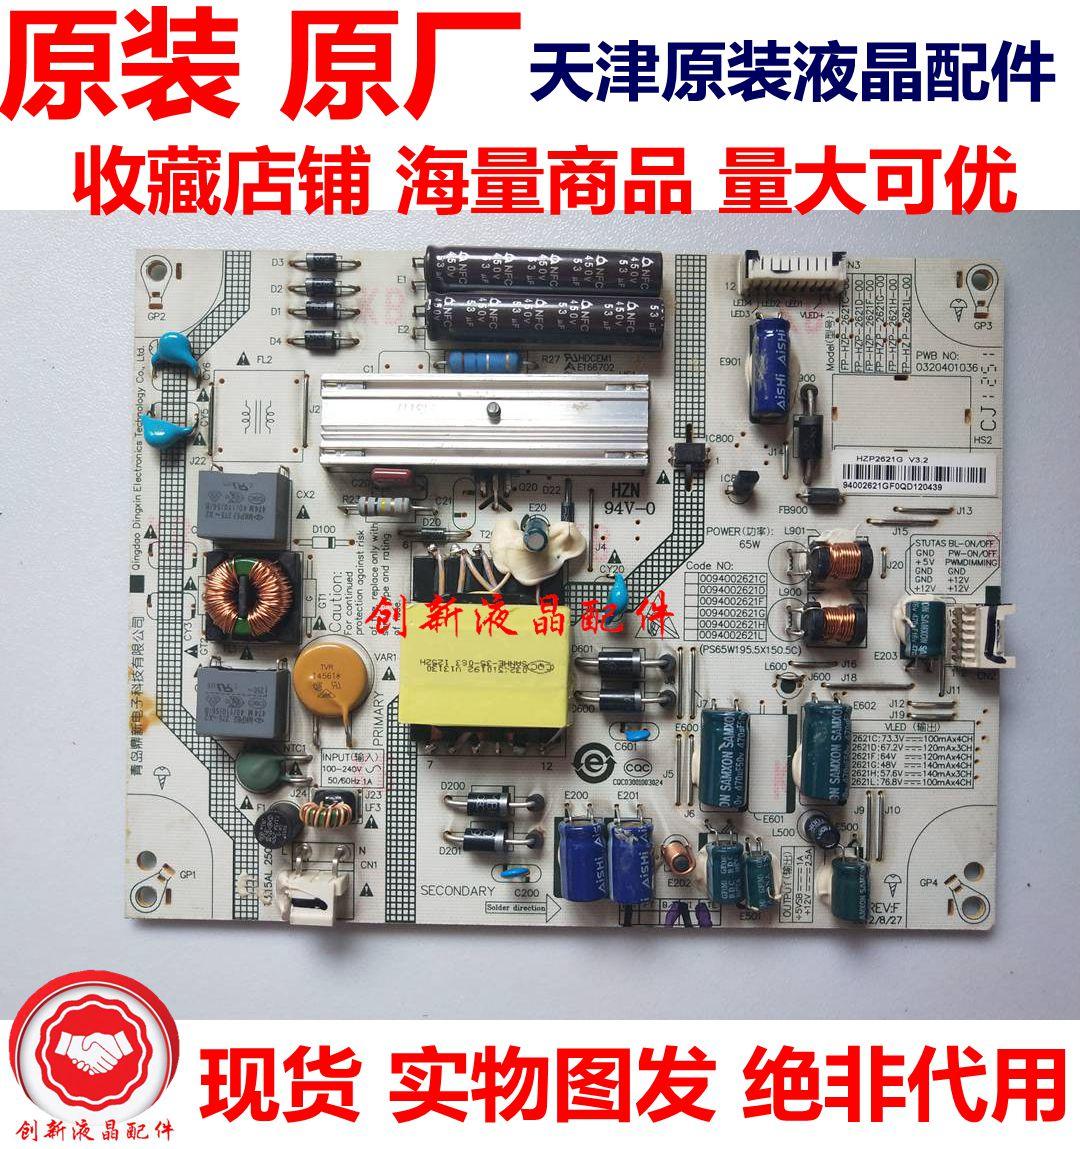 现货~原装海尔le32a910电源板